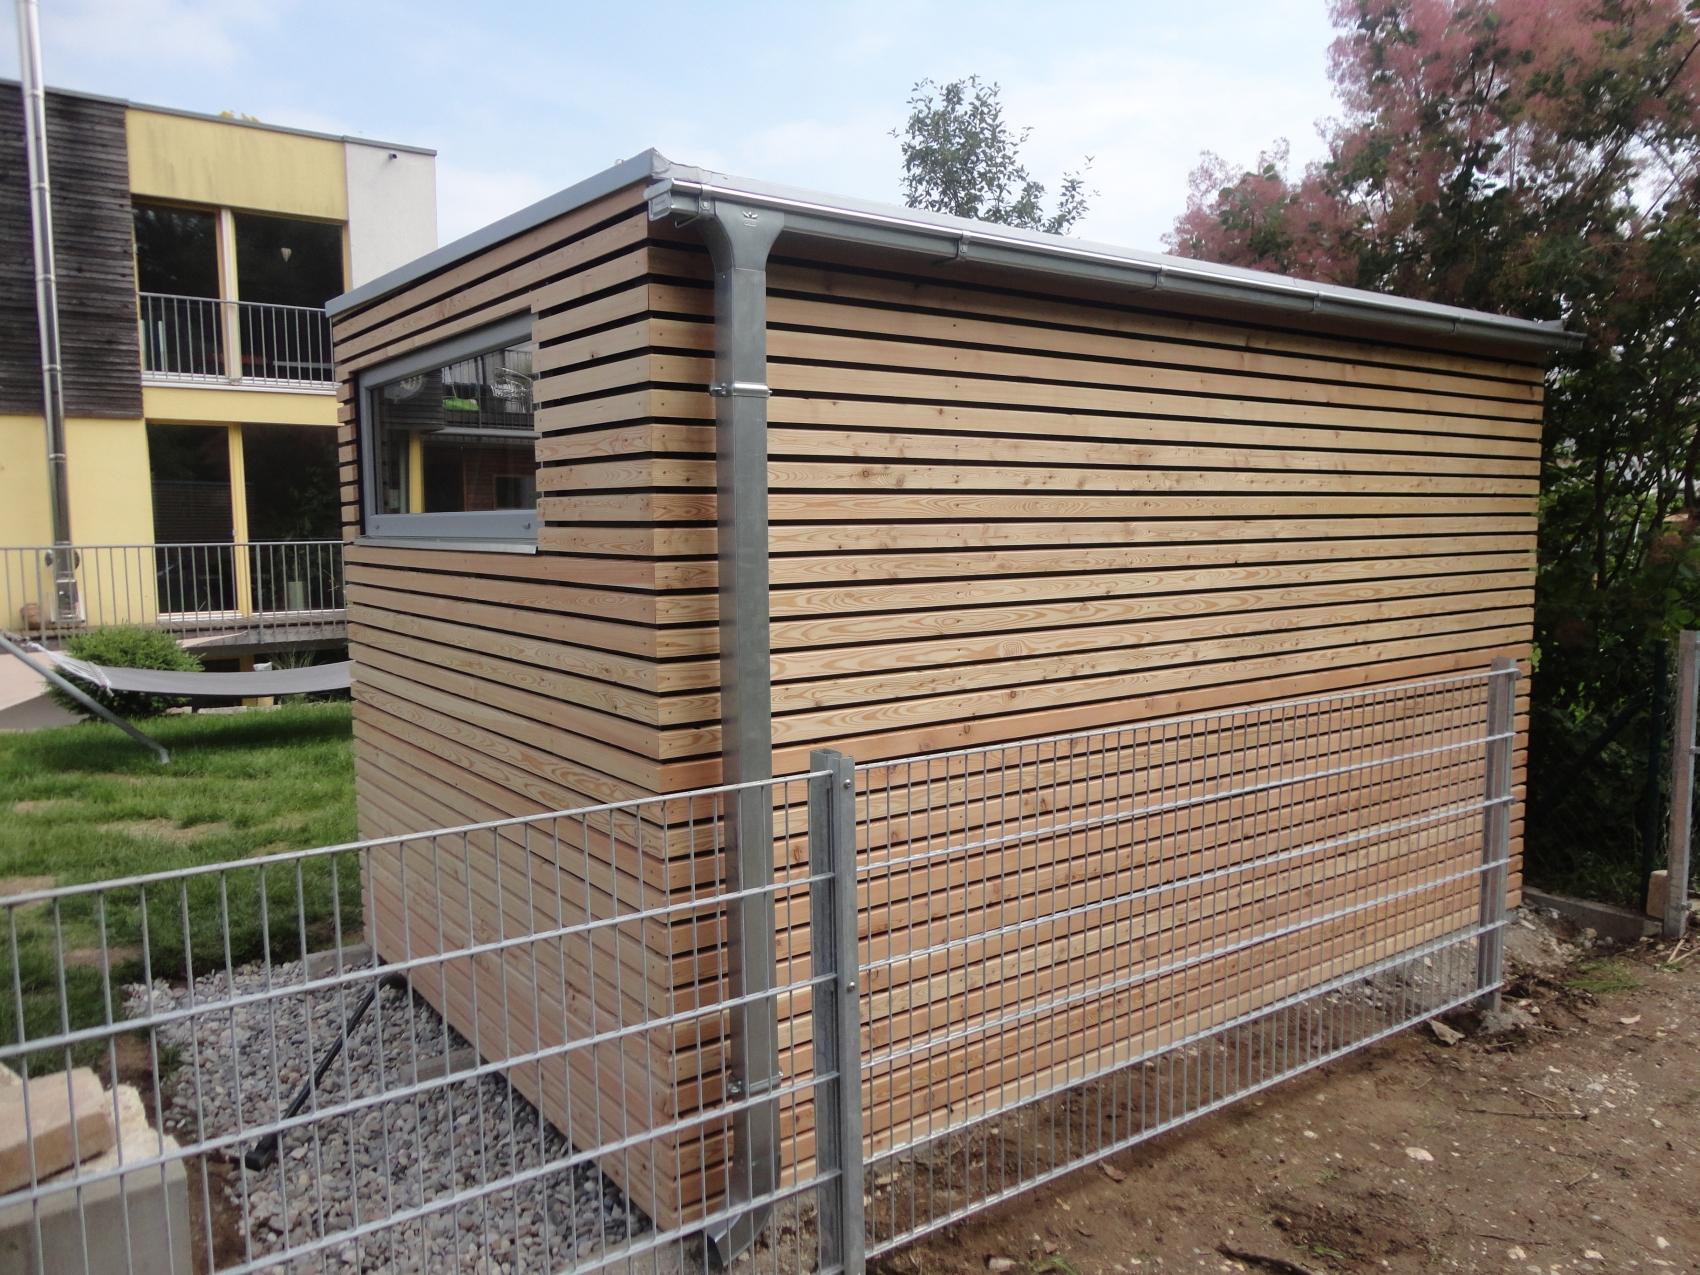 gartenhaus s9 - 3,78 x 2,41 m - neu ulm - referenzen naturhouse, Gartengerate ideen